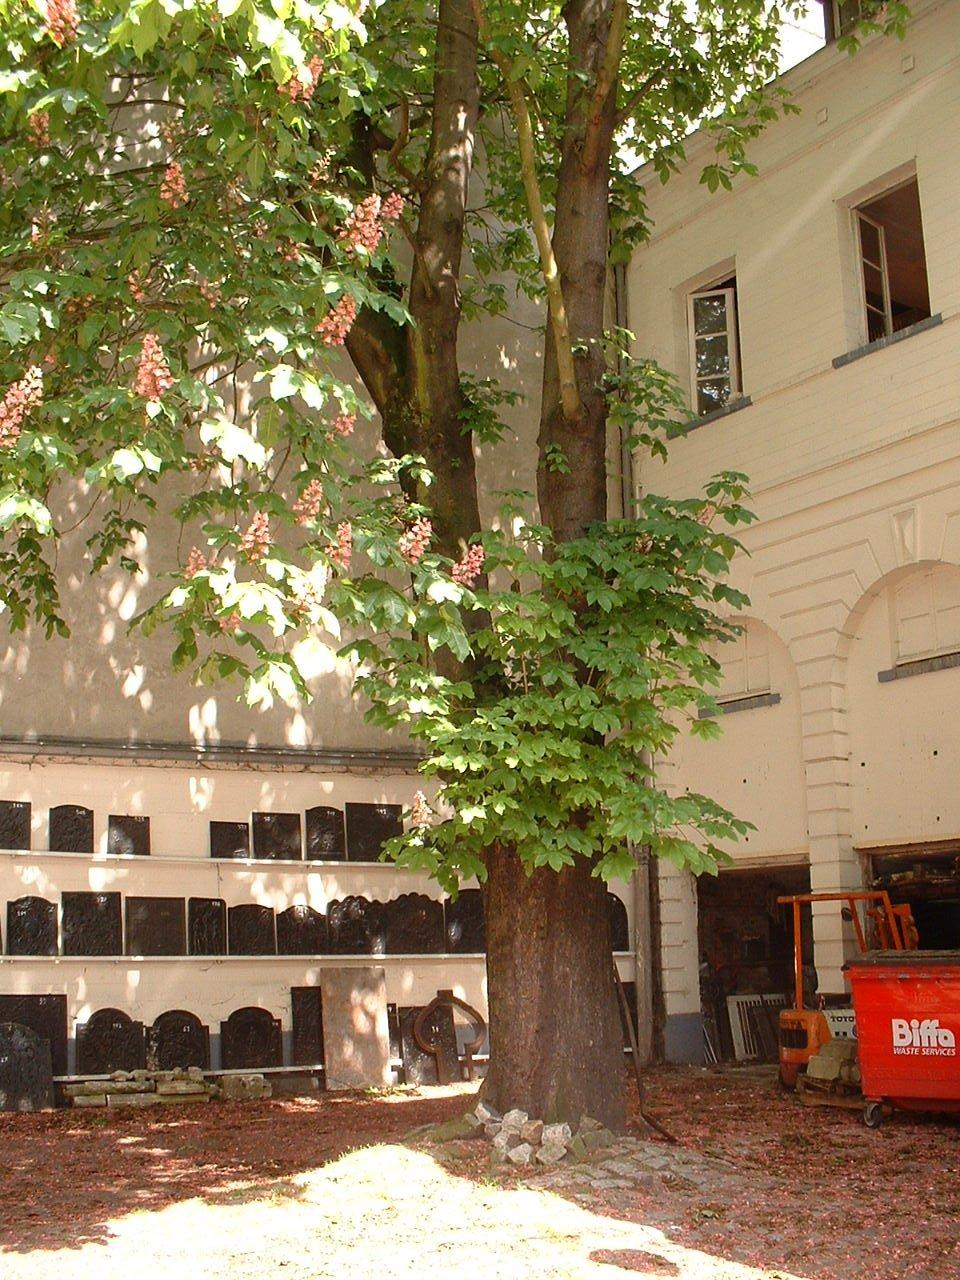 Marronnier à fleurs rouges – Bruxelles, Place du Grand Sablon, 5 –  15 Mai 2002